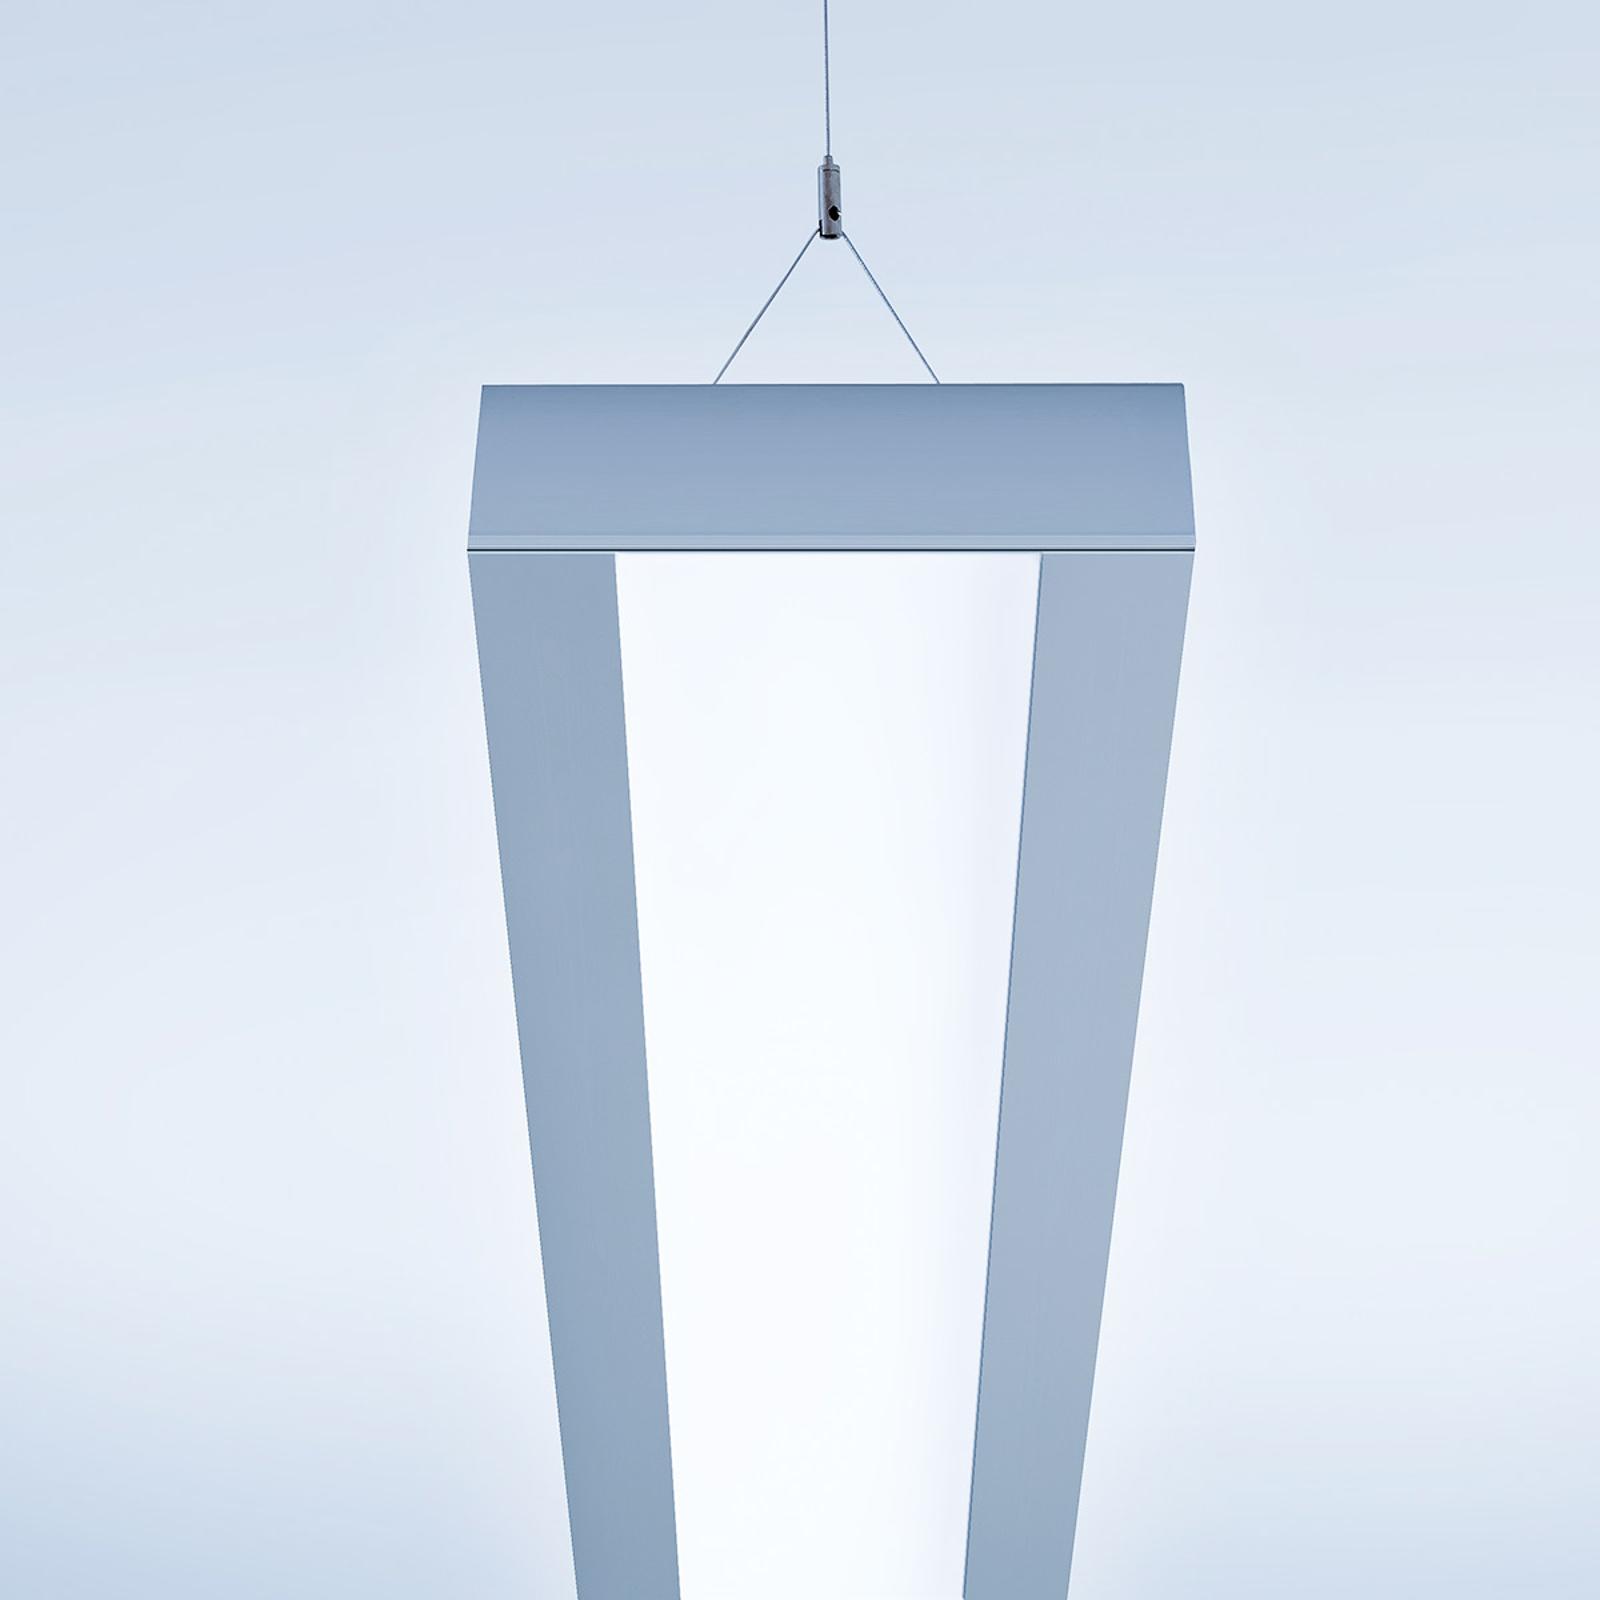 Moderni LED-riippuvalaisin Vision-P2 89 cm 48 W